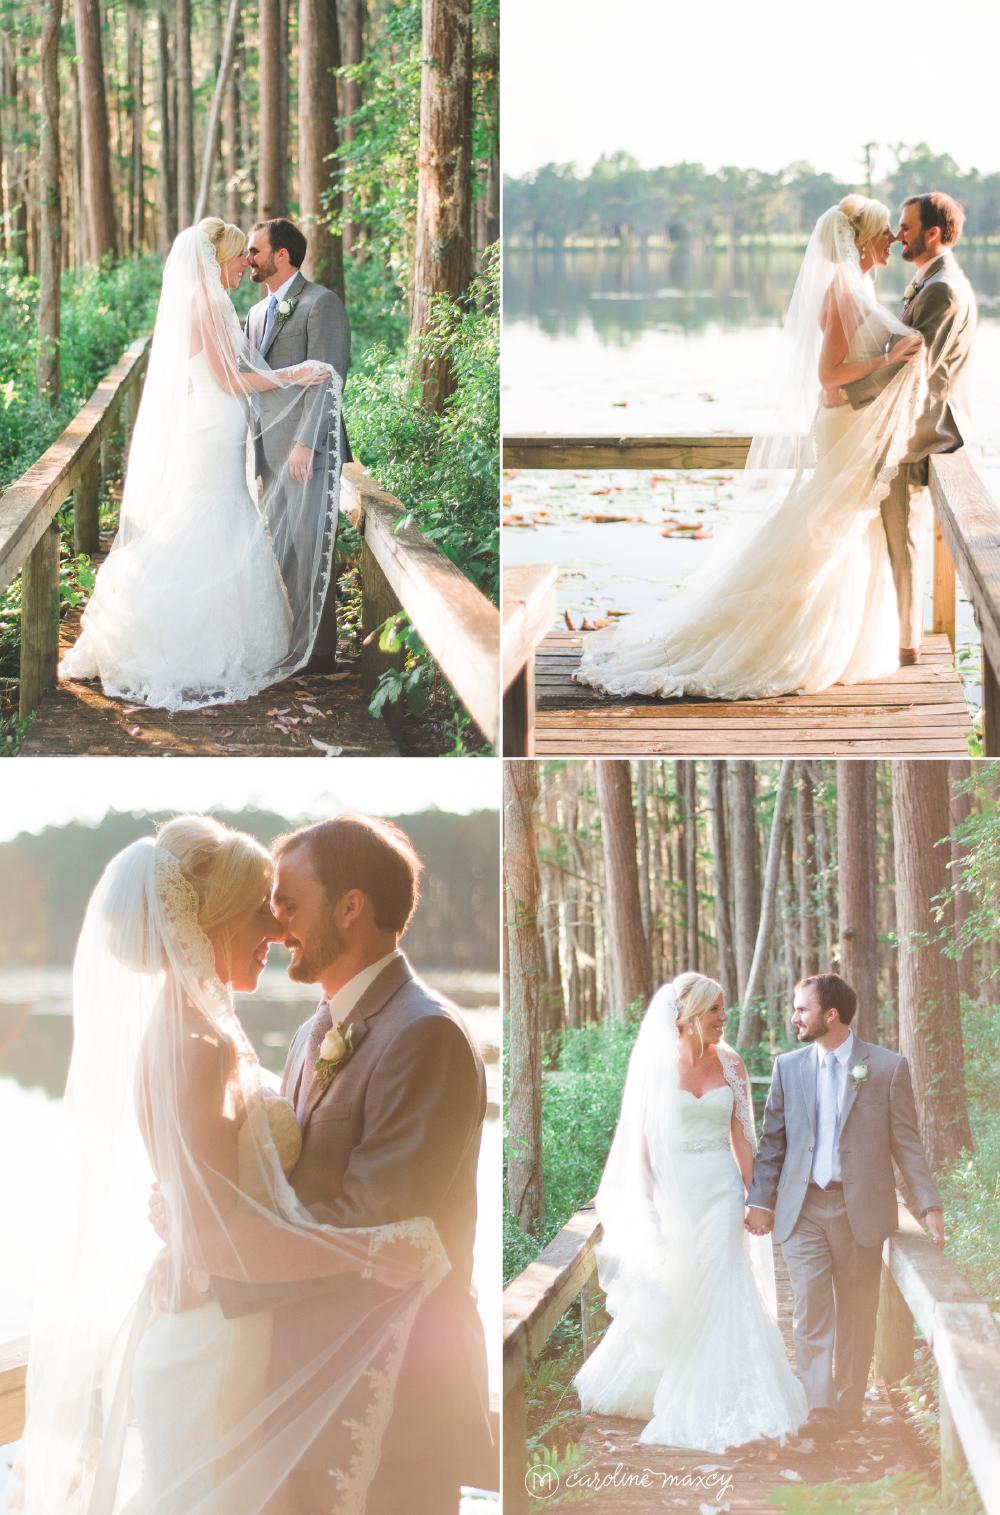 Honey Lake Plantation Destination Wedding Photography with Caroline Maxcy Photography